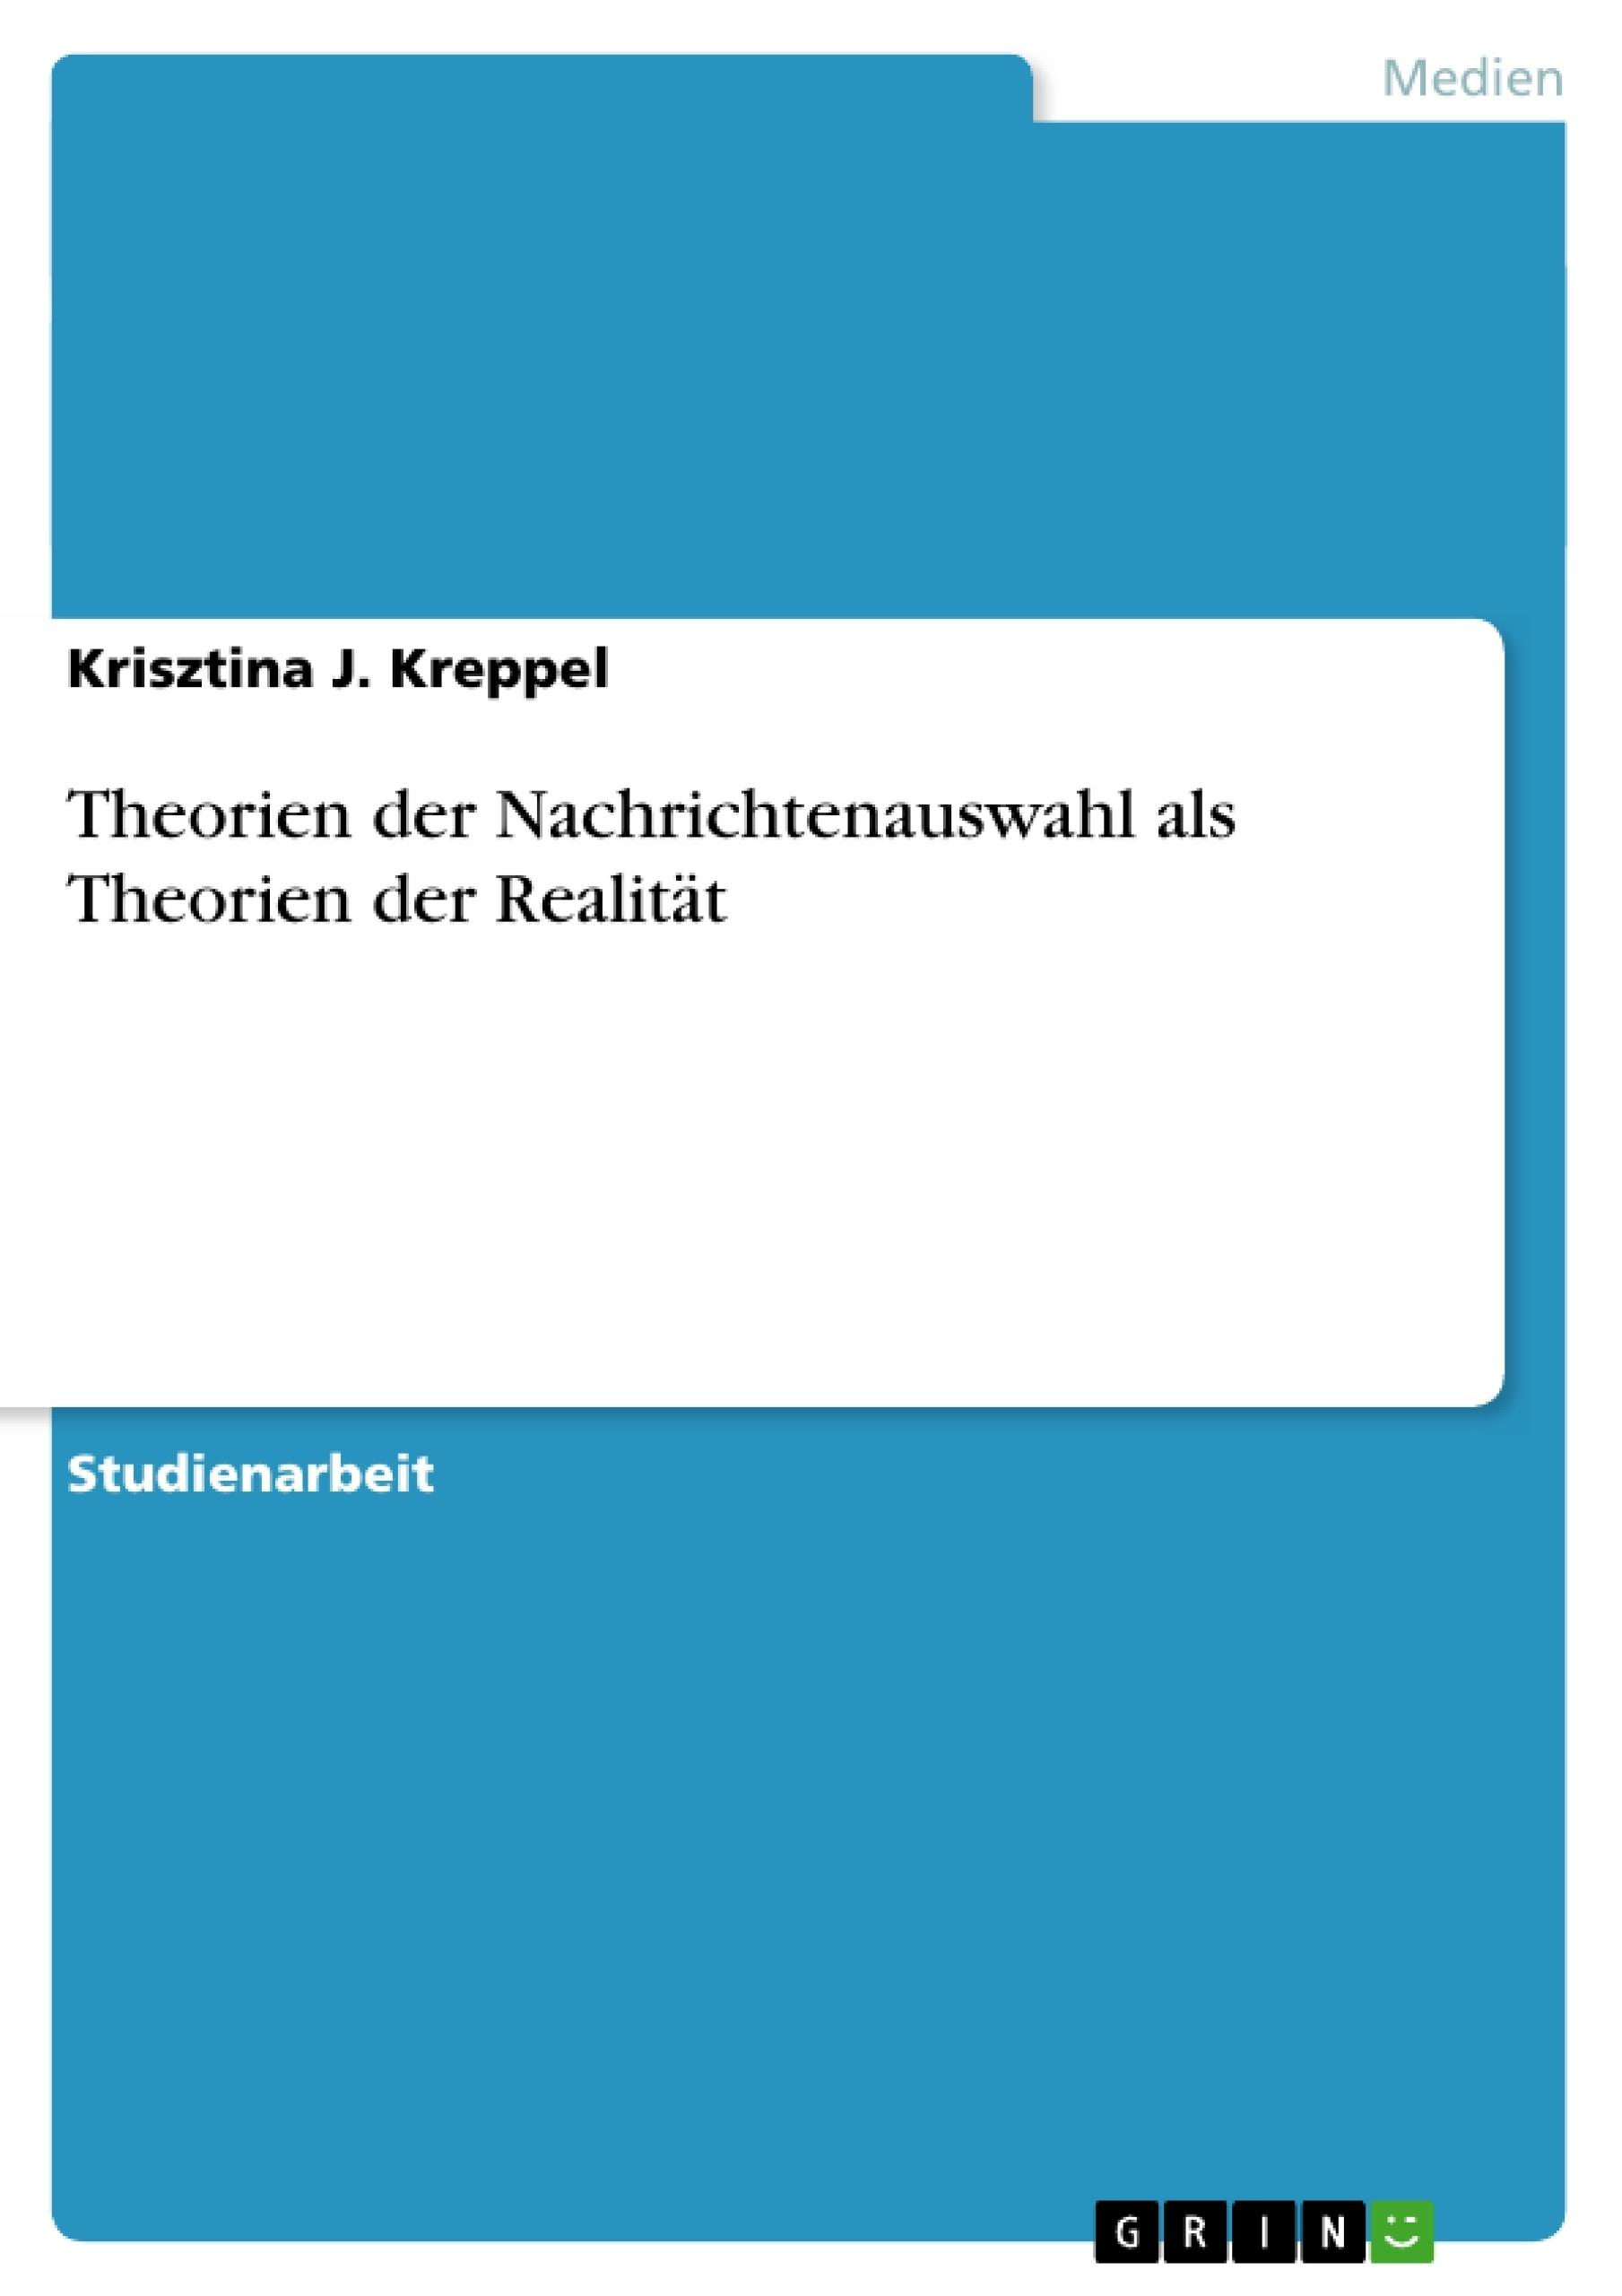 Titel: Theorien der  Nachrichtenauswahl als Theorien der Realität